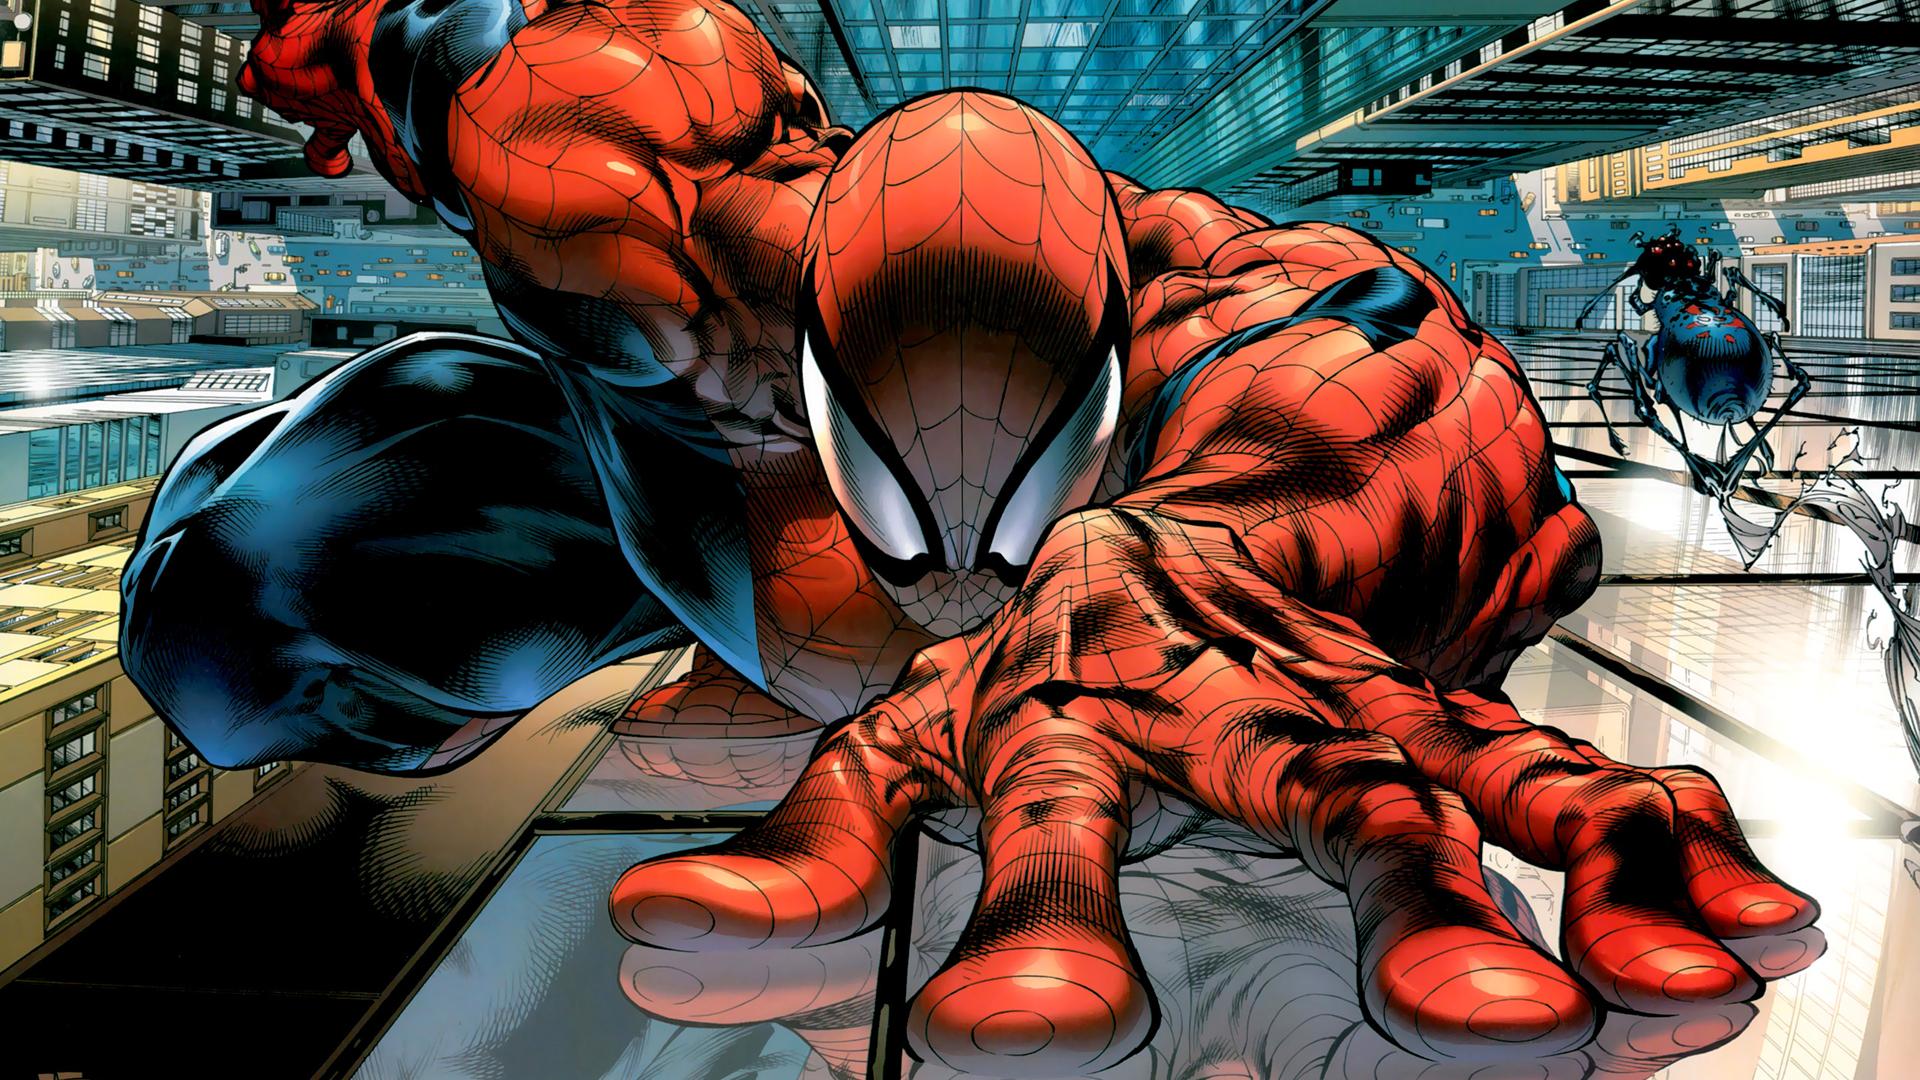 Spider Man wallpaper   902132 1920x1080